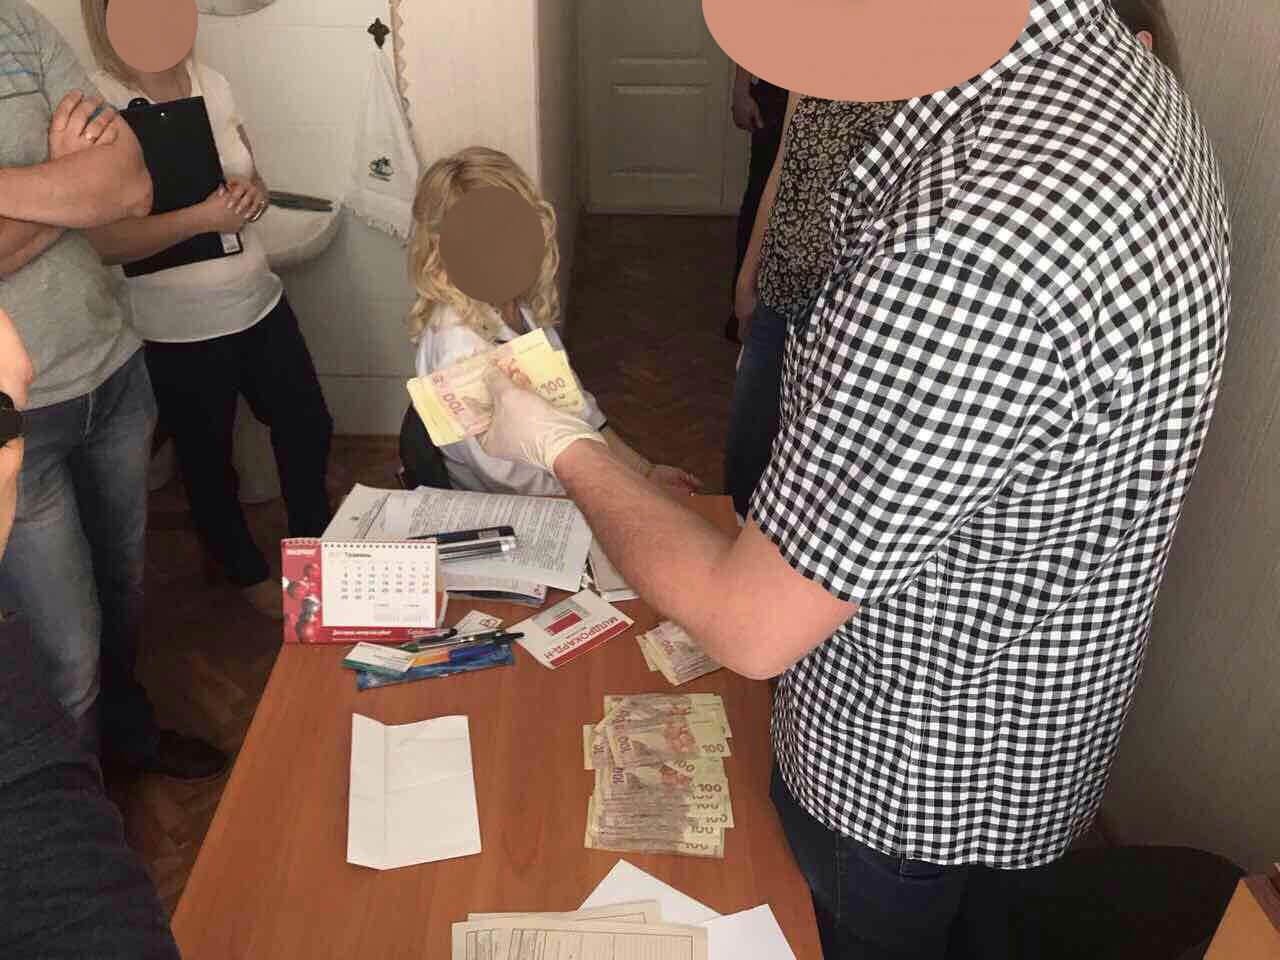 Затримано завідувача відділення Черкаської обласної лікарні, яка вимагала 10 000 грн. неправомірної вигоди за видачу медичних документів для оформлення групи інвалідності (ФОТО)